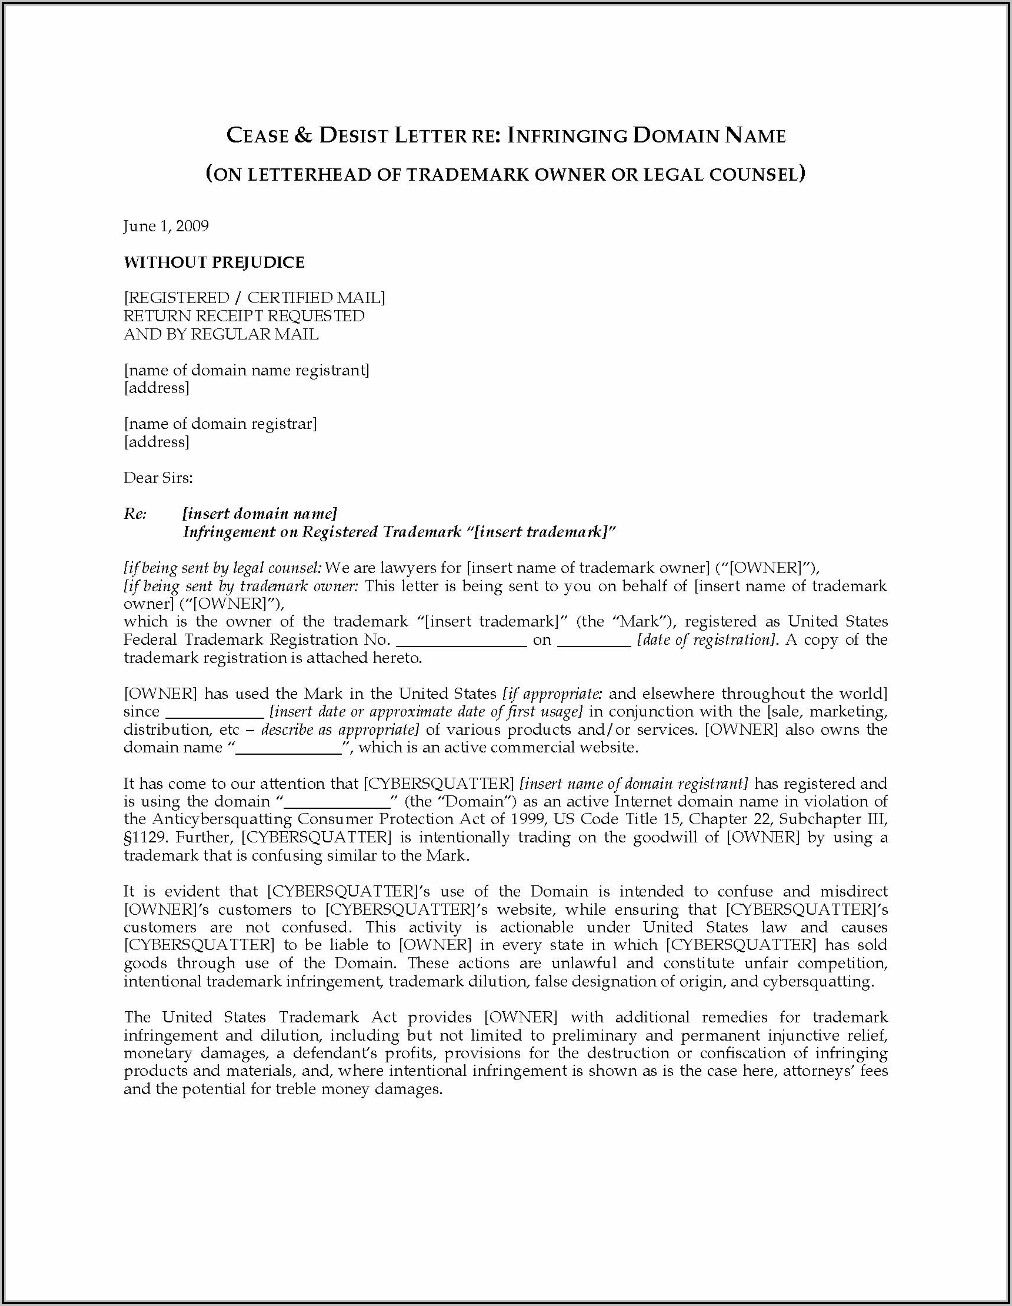 Trademark Infringement Cease And Desist Letter Sample